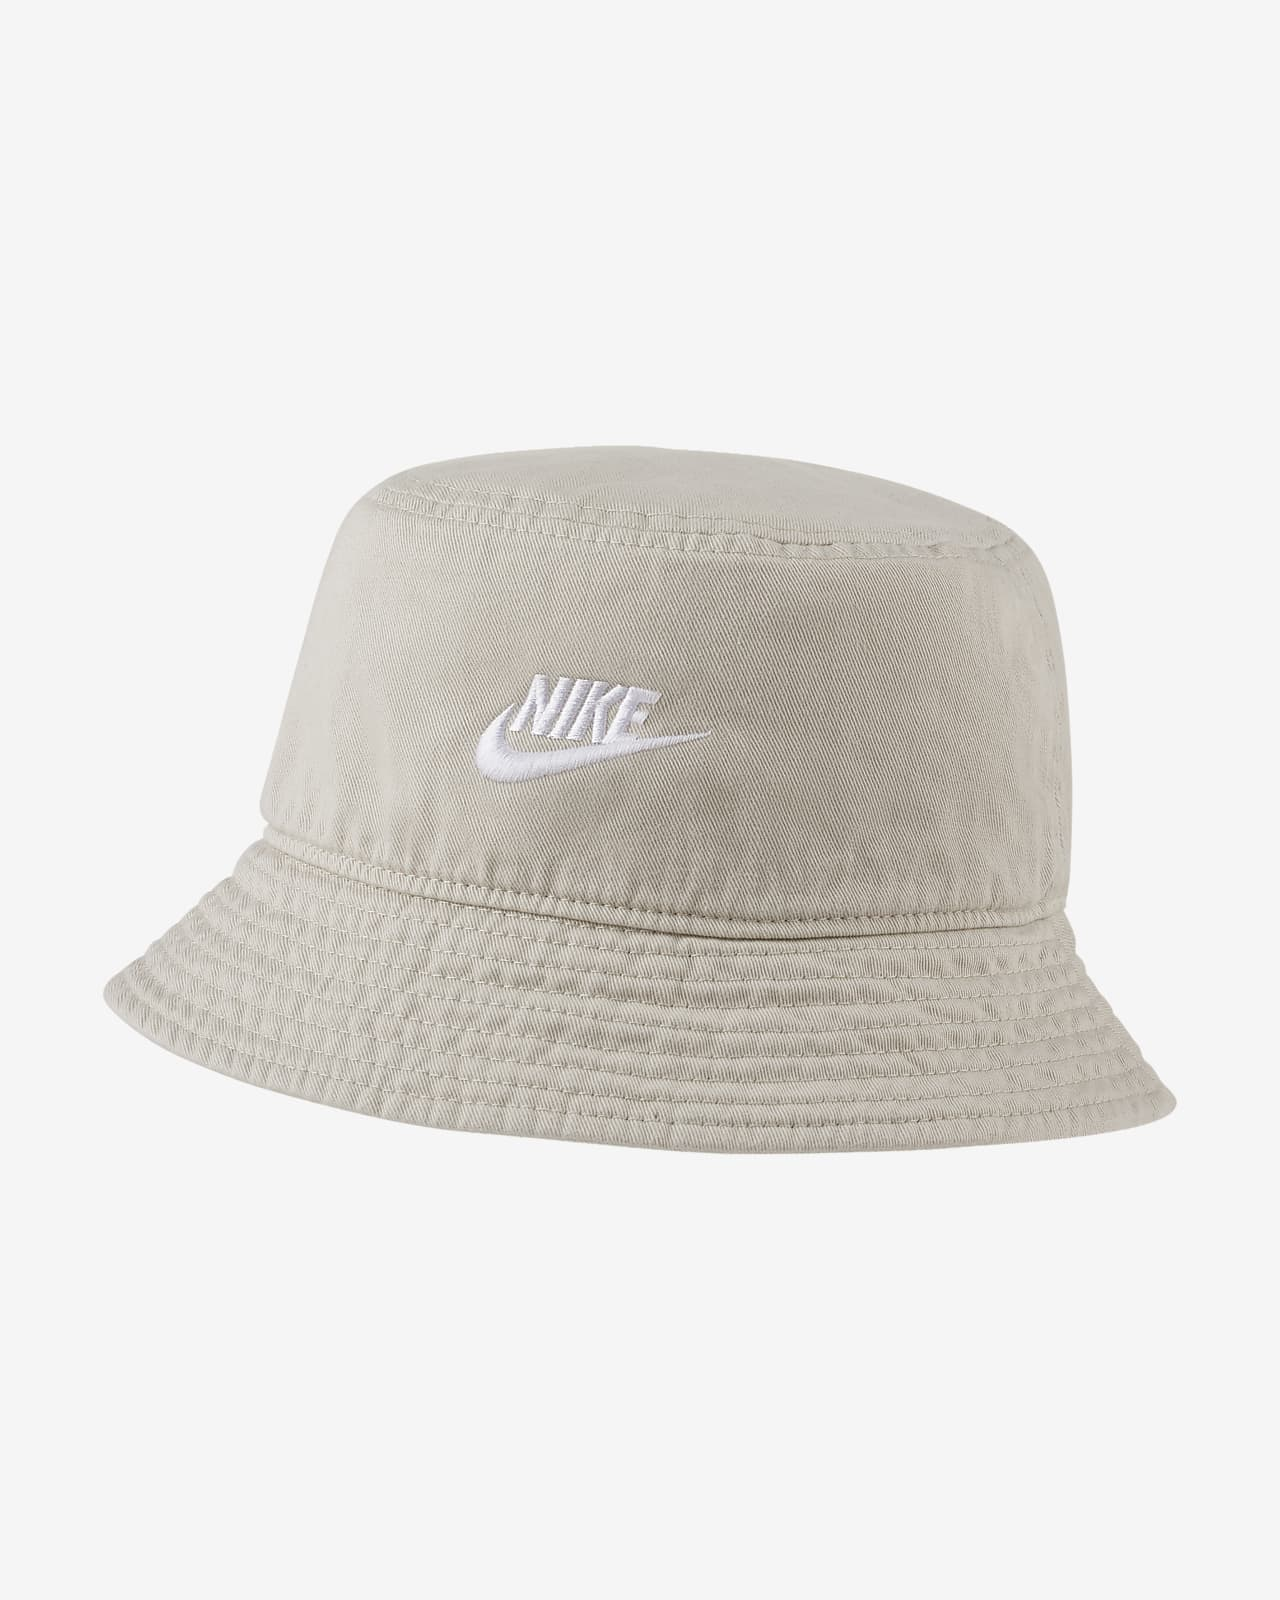 Nike Sportswear karimás sapka